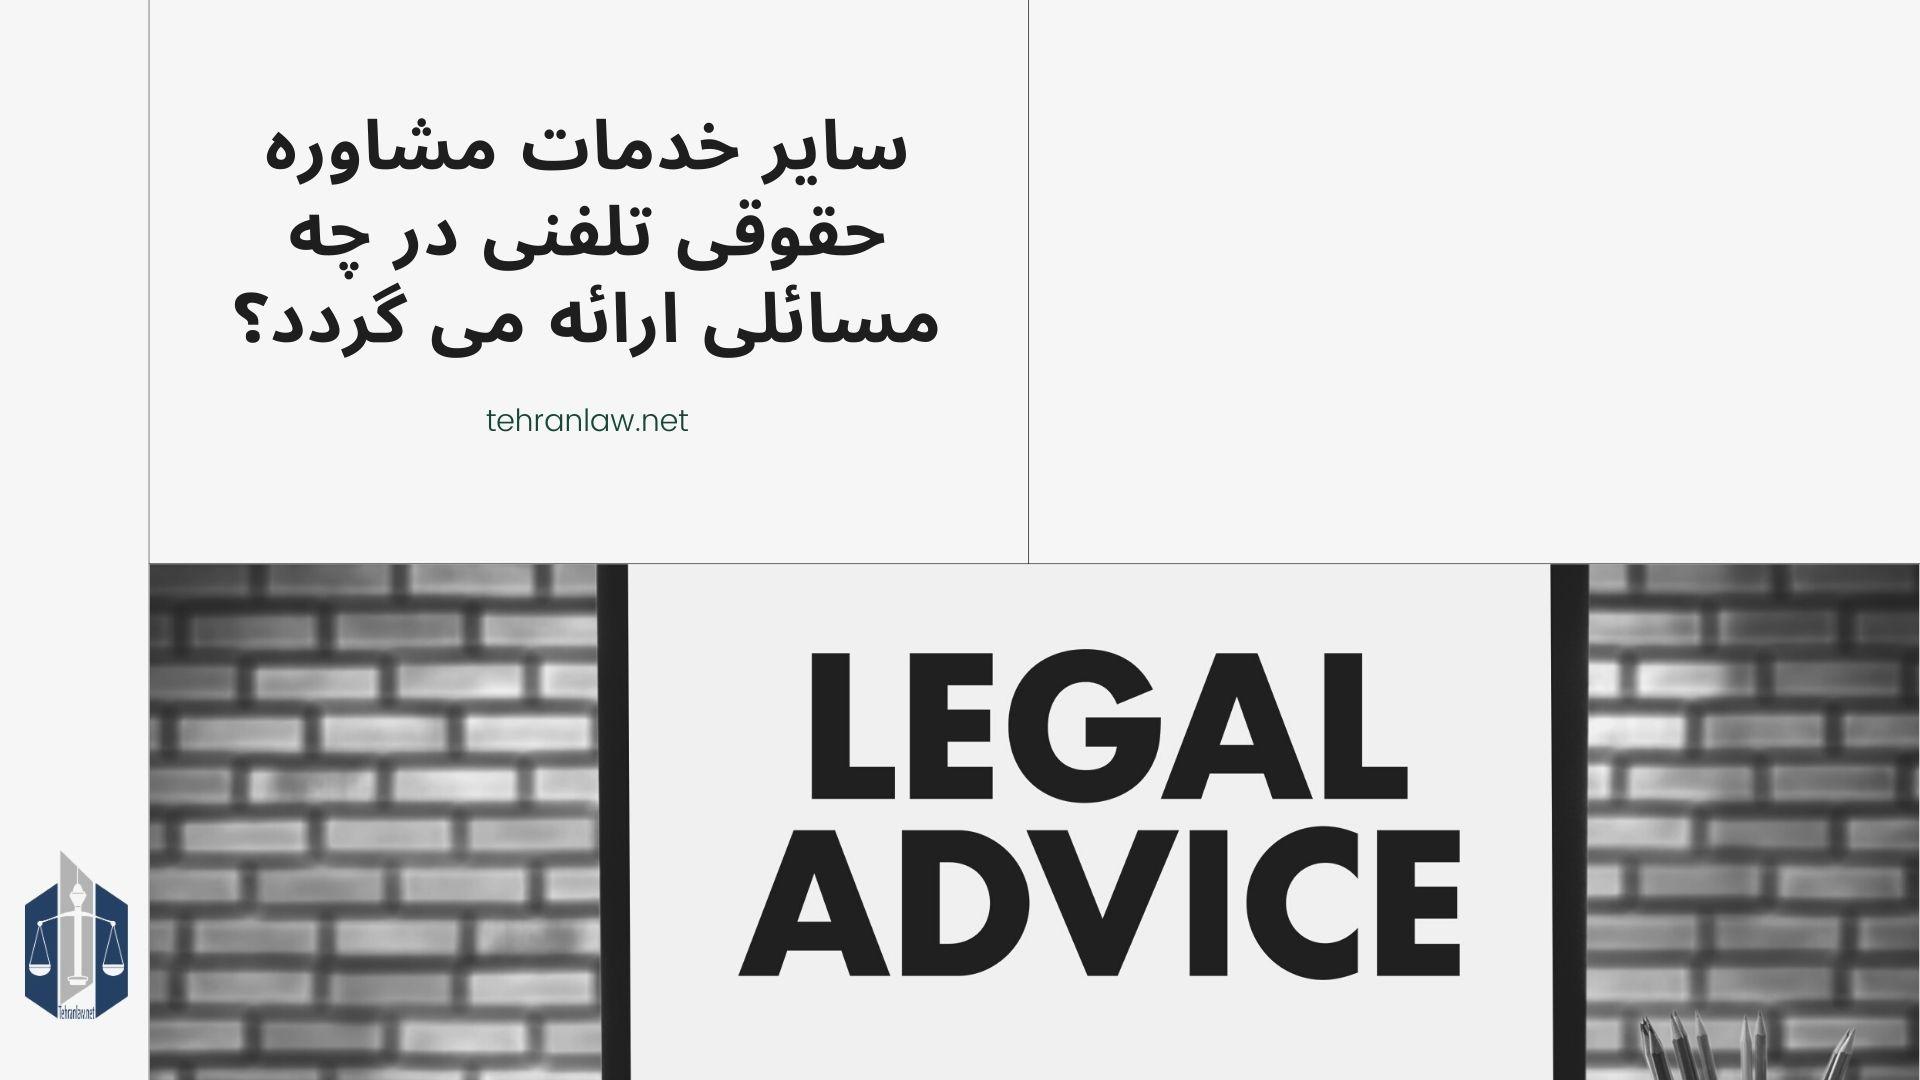 سایر خدمات مشاوره حقوقی تلفنی در چه مسائلی ارائه می گردد؟